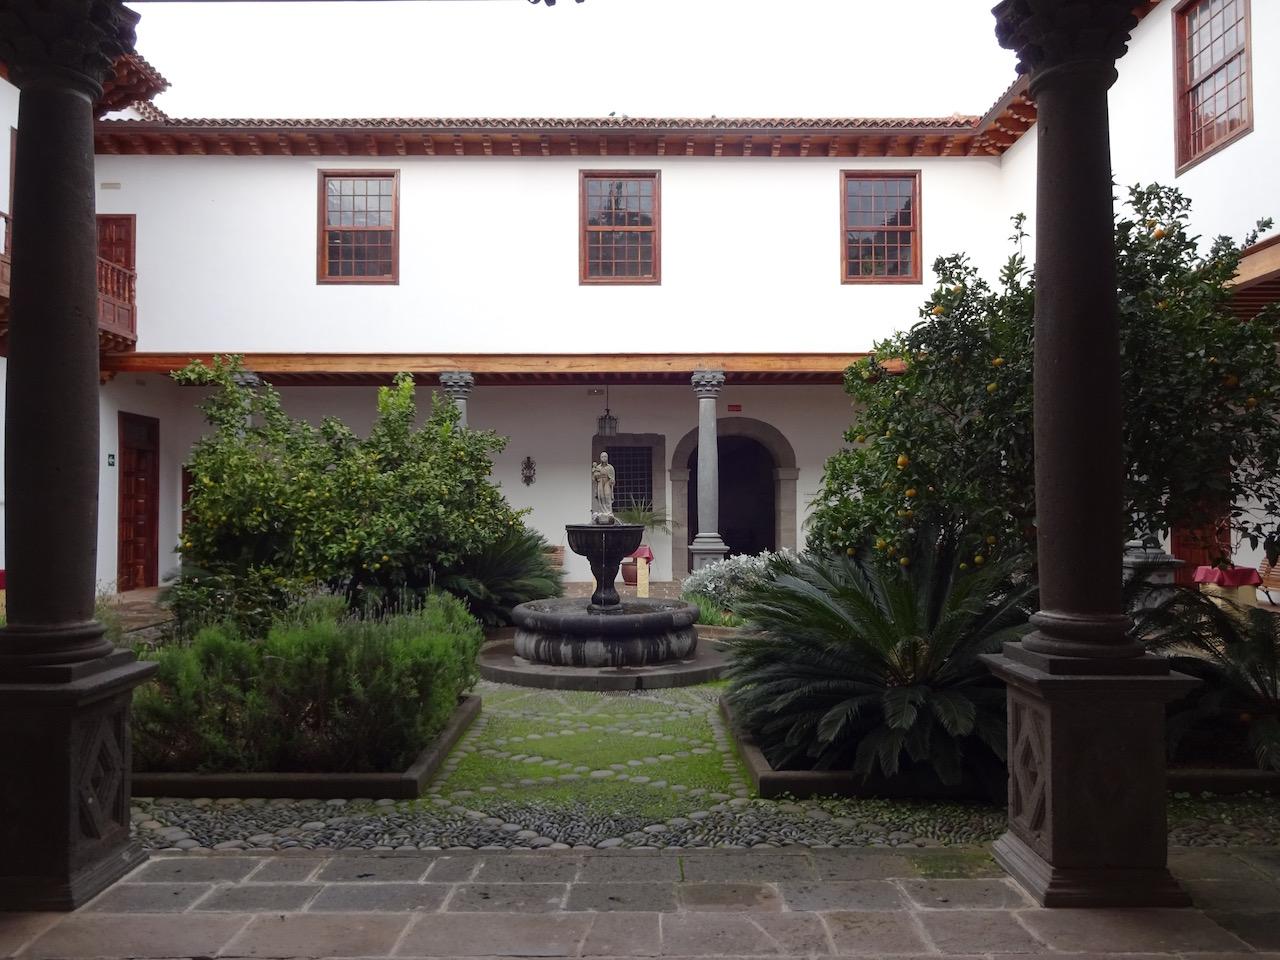 und noch ein sehr schön gestalteter Innenhof